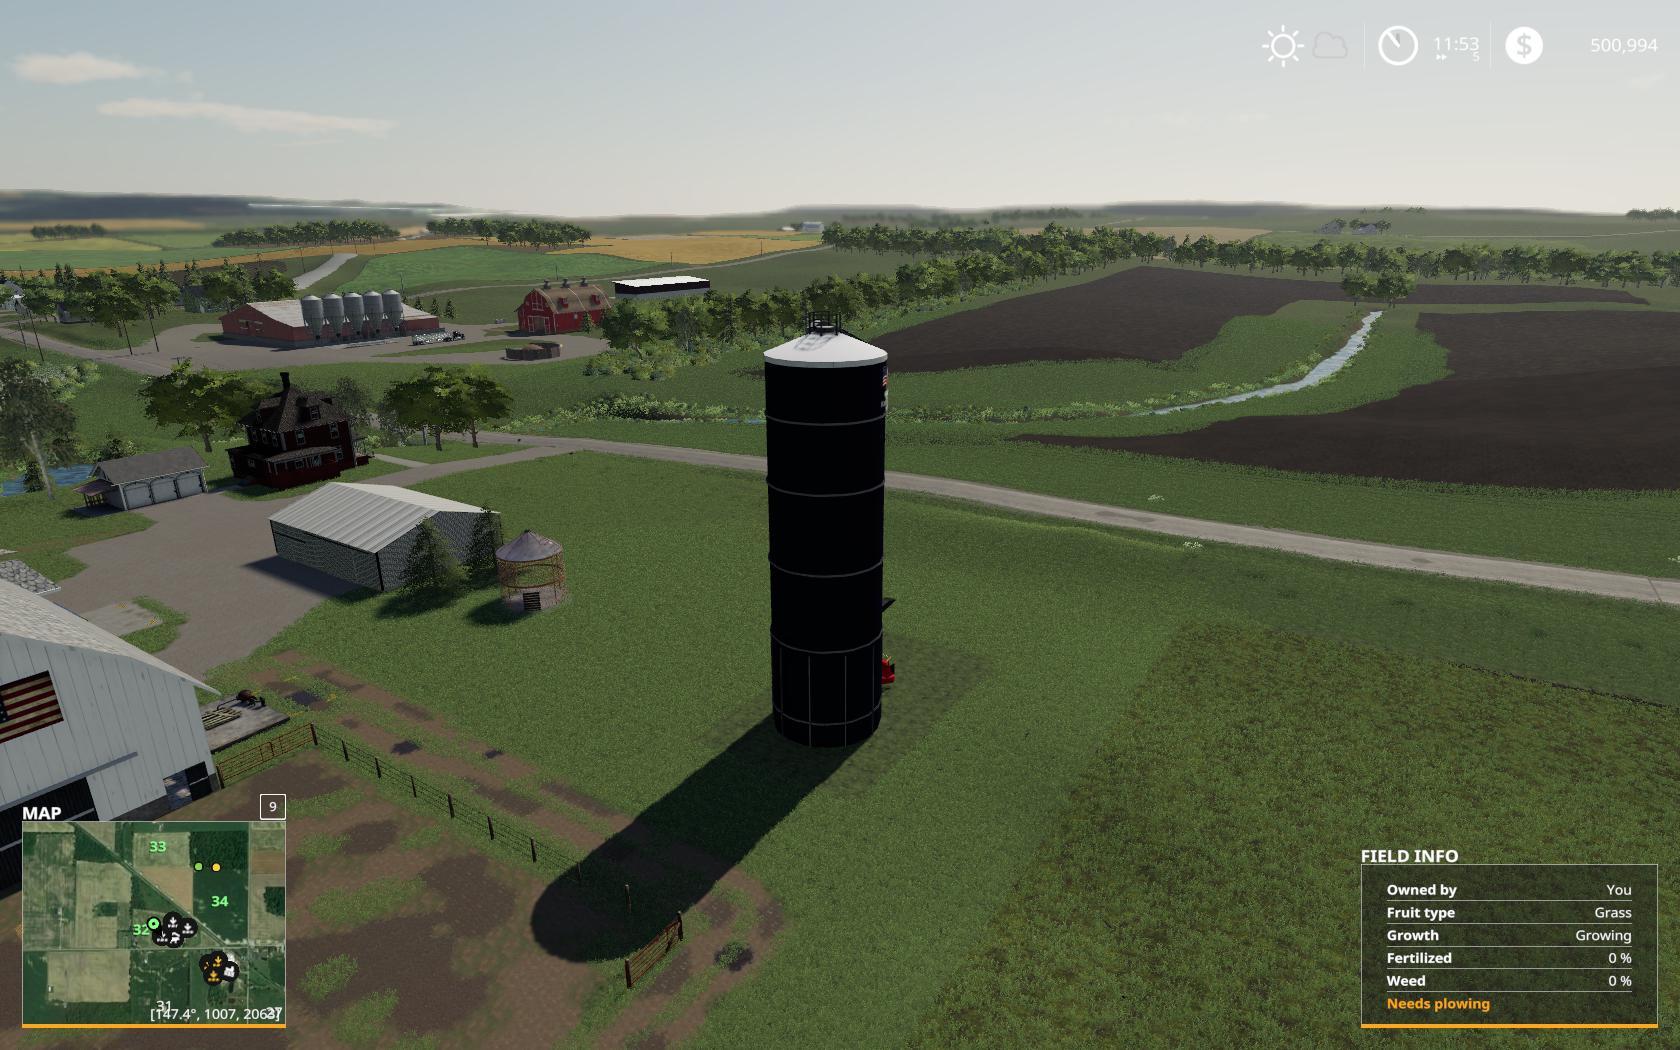 Fermenting Silo v1 0 FS19 - Farming Simulator 19 Mod | FS19 mod